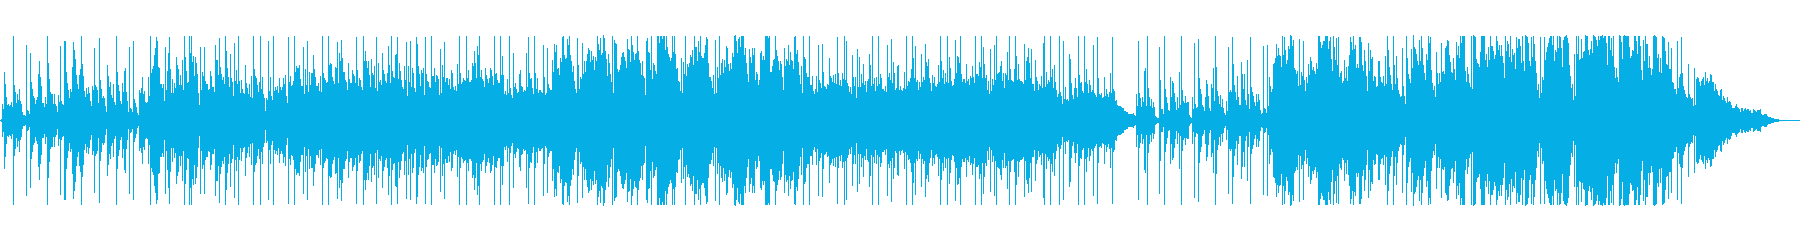 ピアノメインのしっとりとしたバラードの再生済みの波形